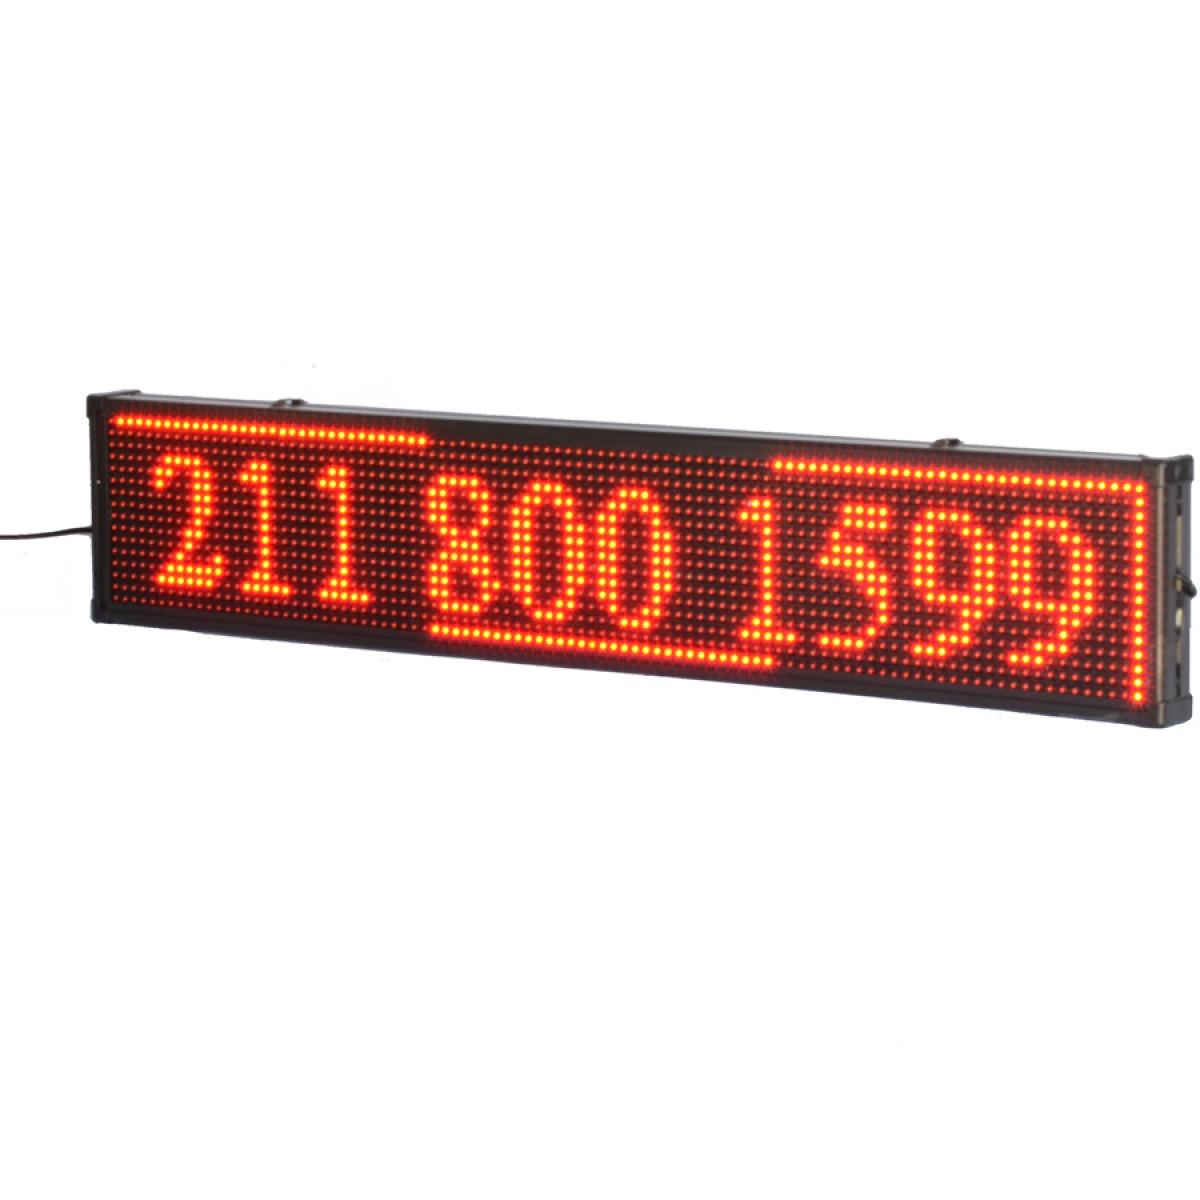 Πινακίδα LED κυλιόμενων μηνυμάτων 100x40 cm